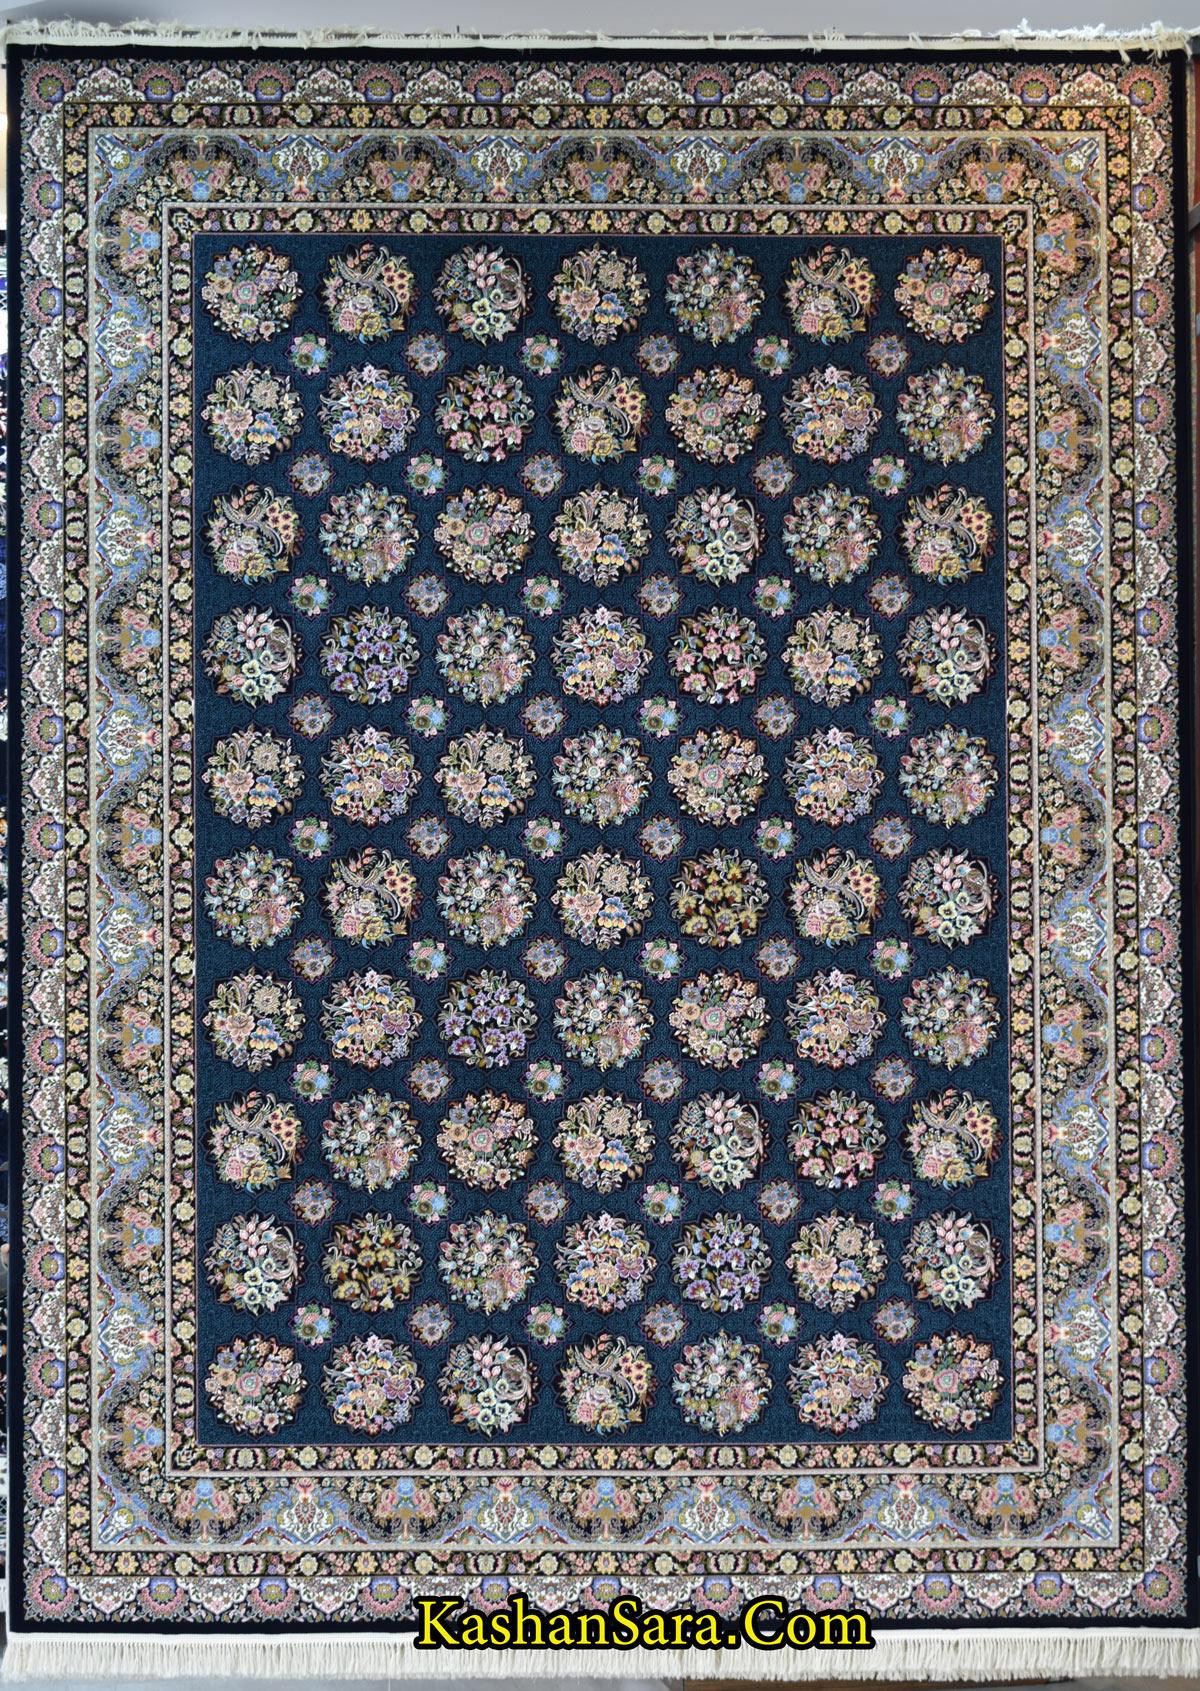 فرش طرح ستاره فروزان سرمه ای ۱۲۰۰ شانه